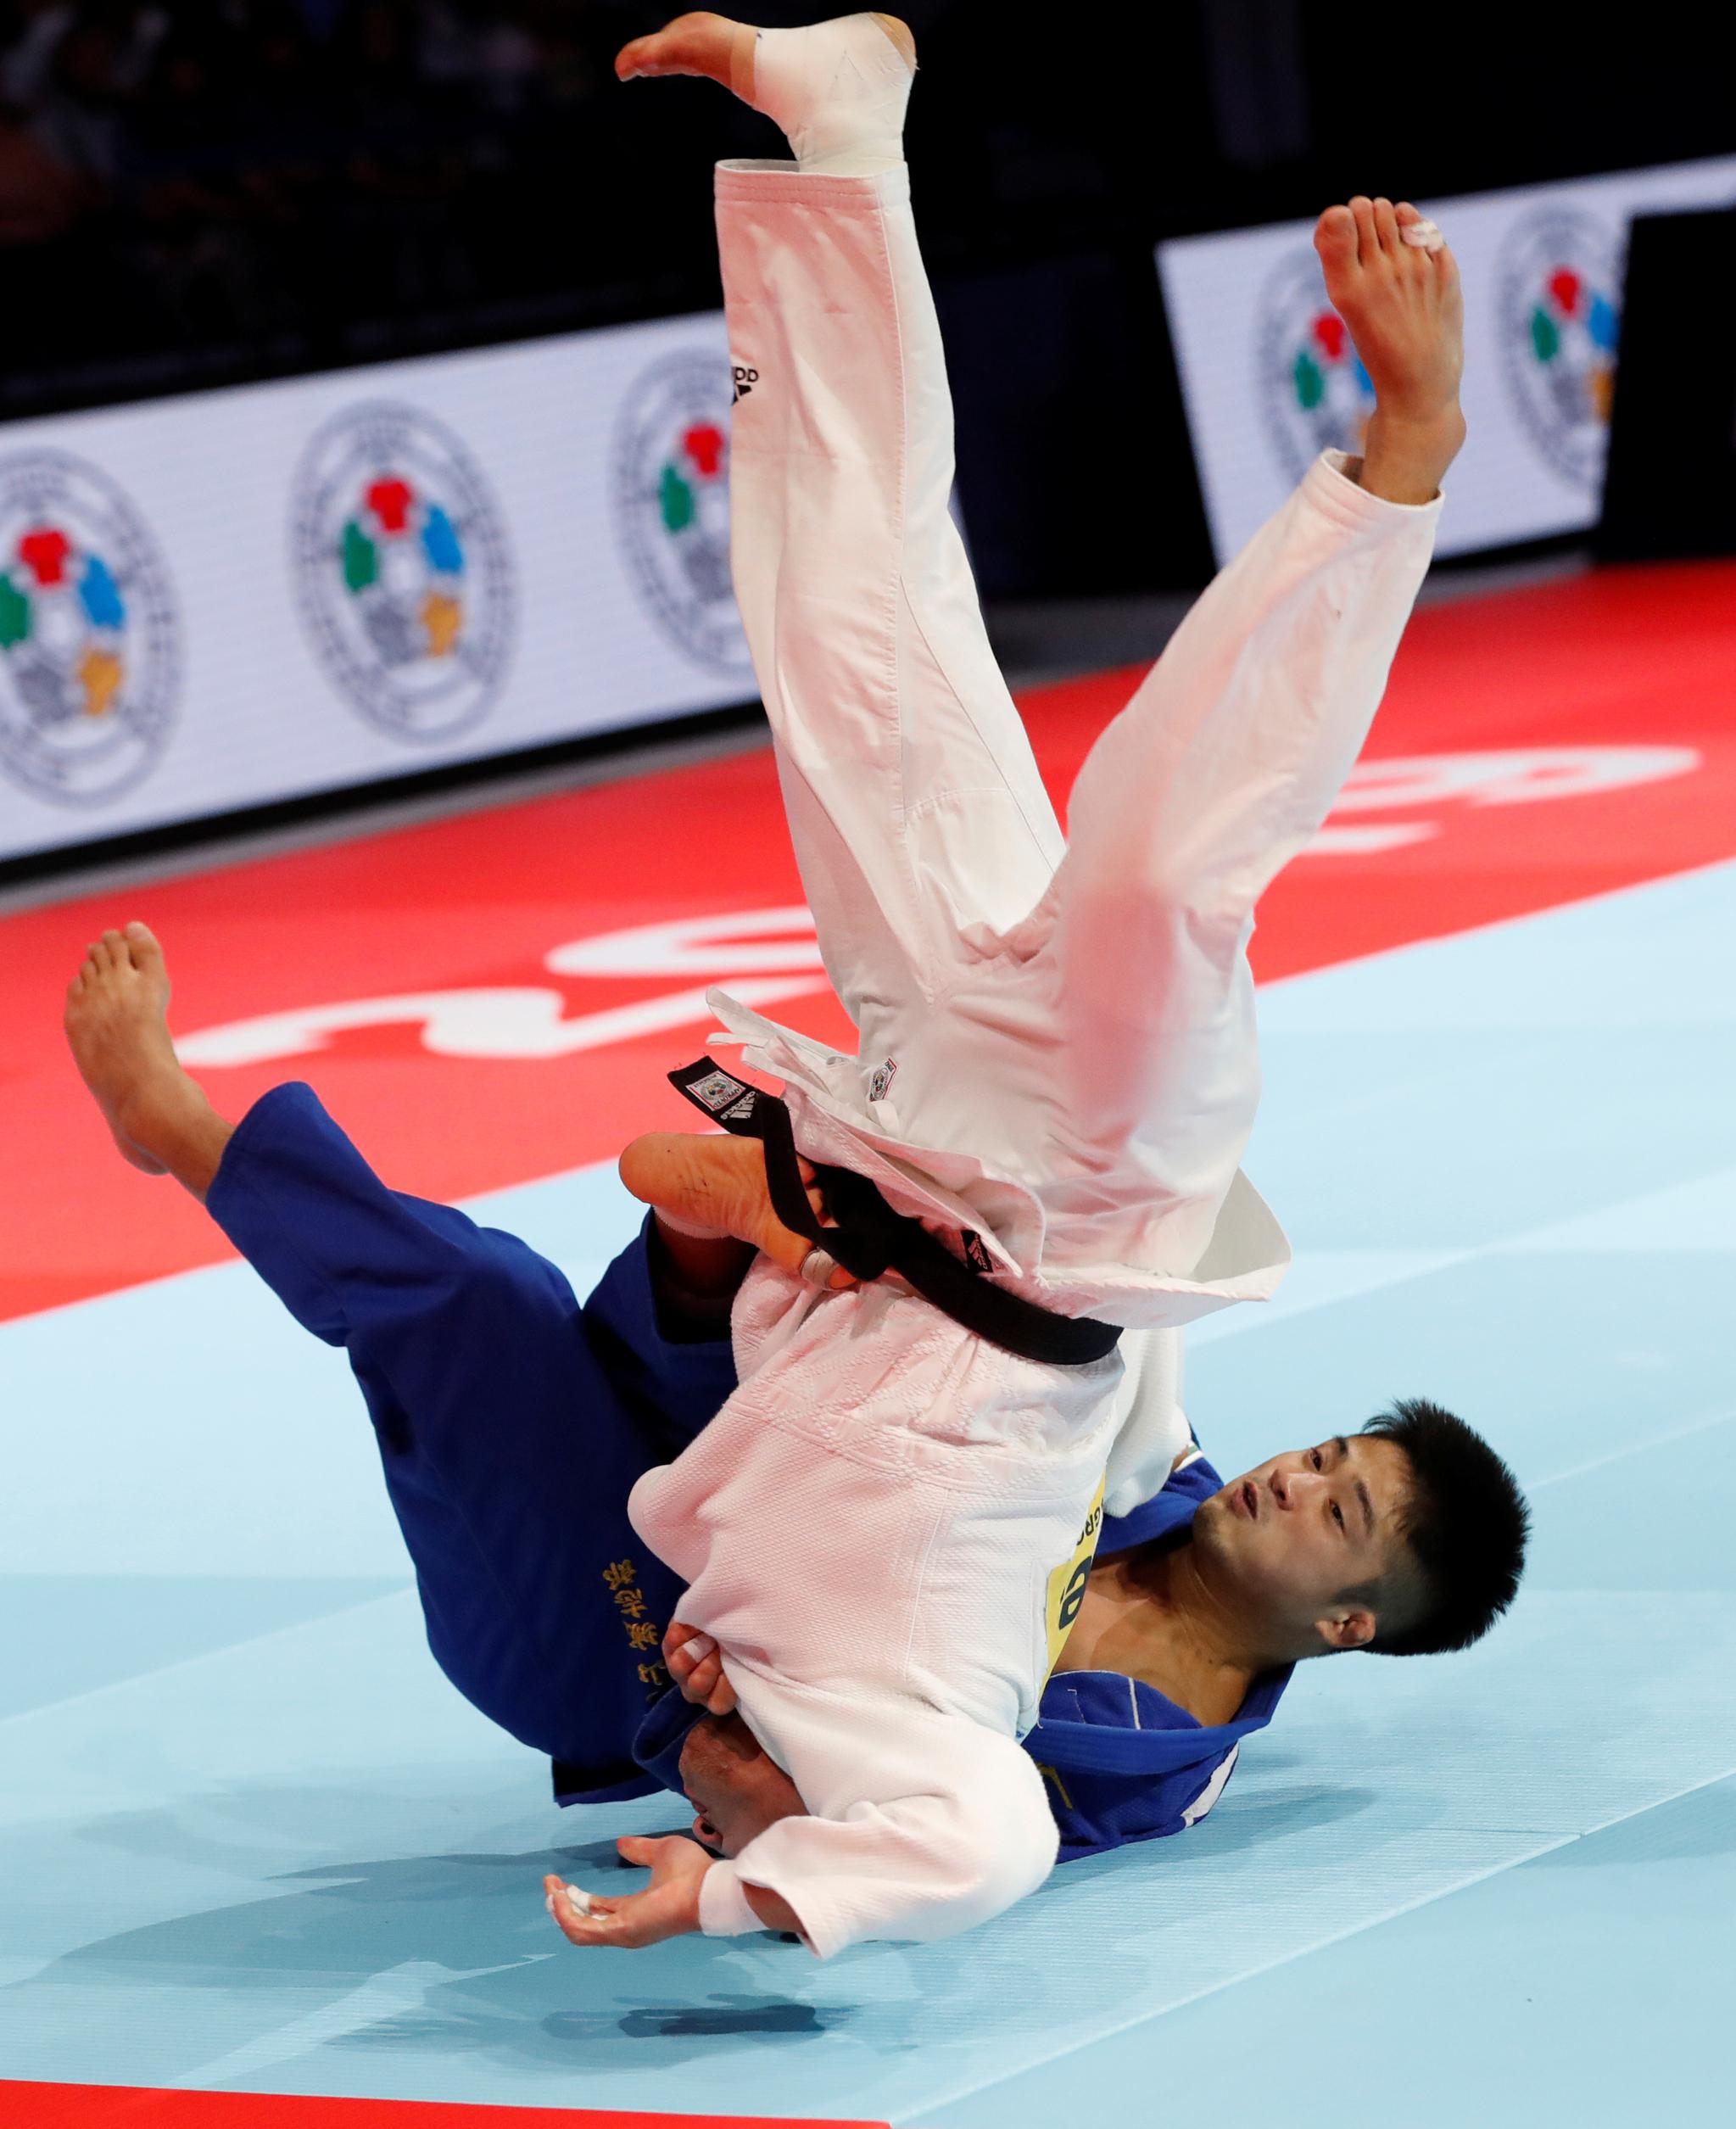 지난달 26일 유도 세계선수권 남자 66㎏급 결승전에서 김임환이 마루야마 조시로에게 한판패했다. 한국유도는 6개월 자격징계를 받았던 안바울을 대표선발전 없이 발탁해 논란을 빚기도 했다.[로이터=연합뉴스]